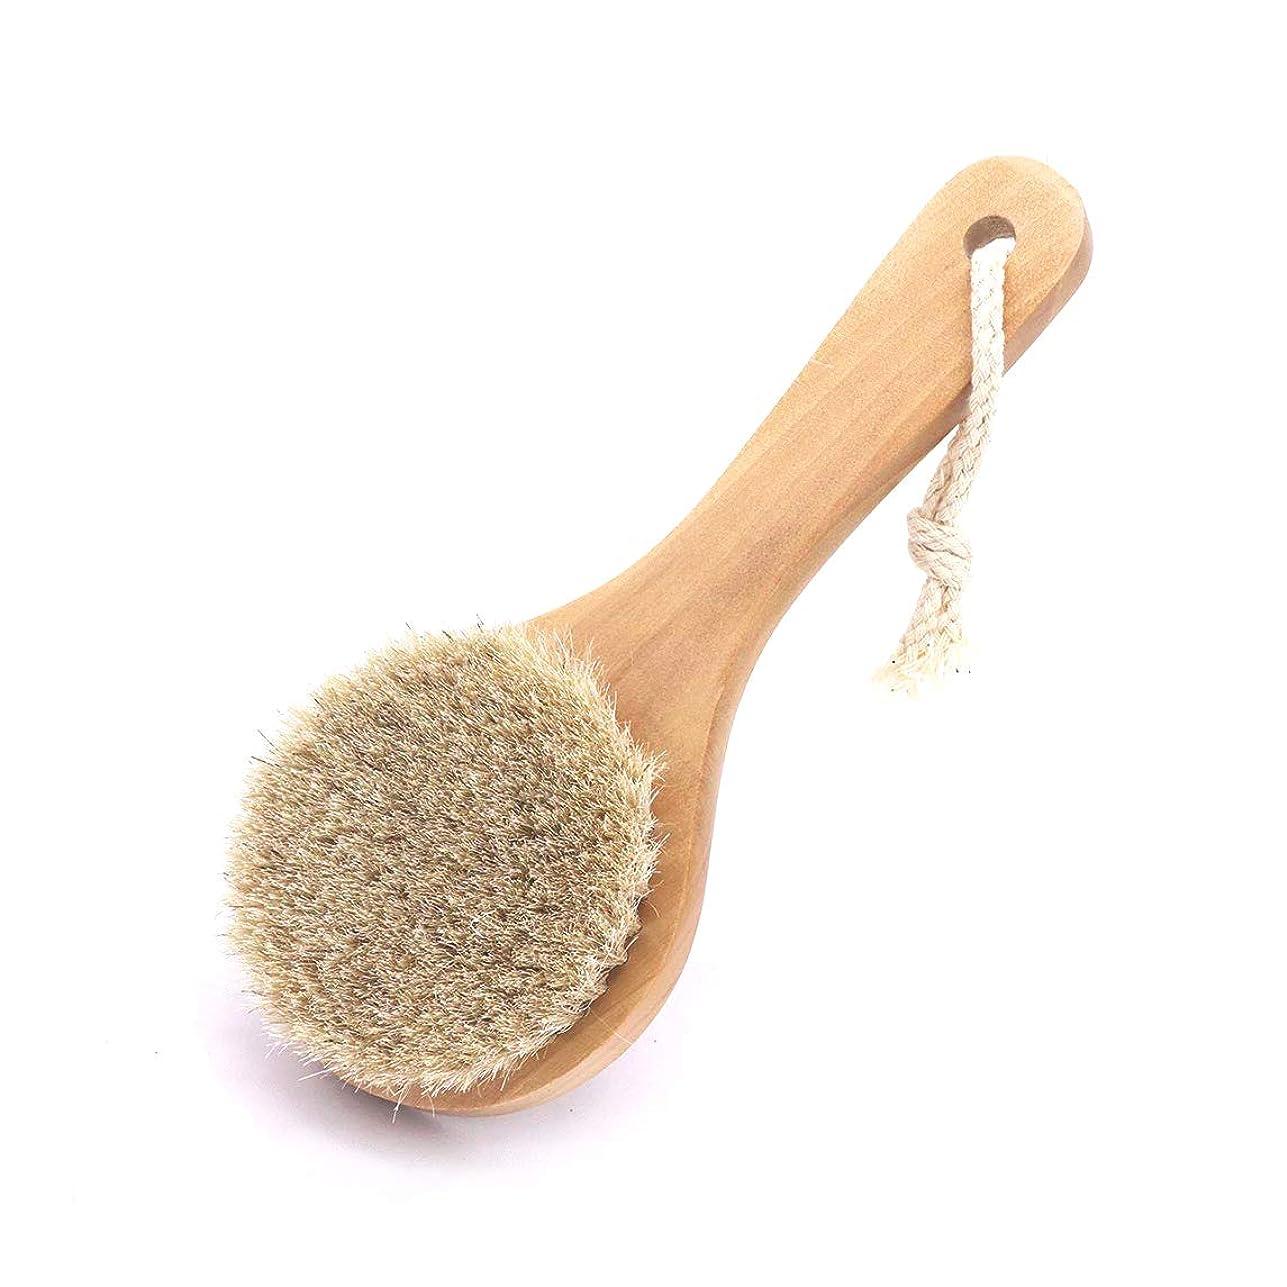 ストレージ子供達石鹸馬毛ボディブラシ 木製 短柄 足を洗う お風呂用 体洗い 女性 角質除去 柔らかい 美肌